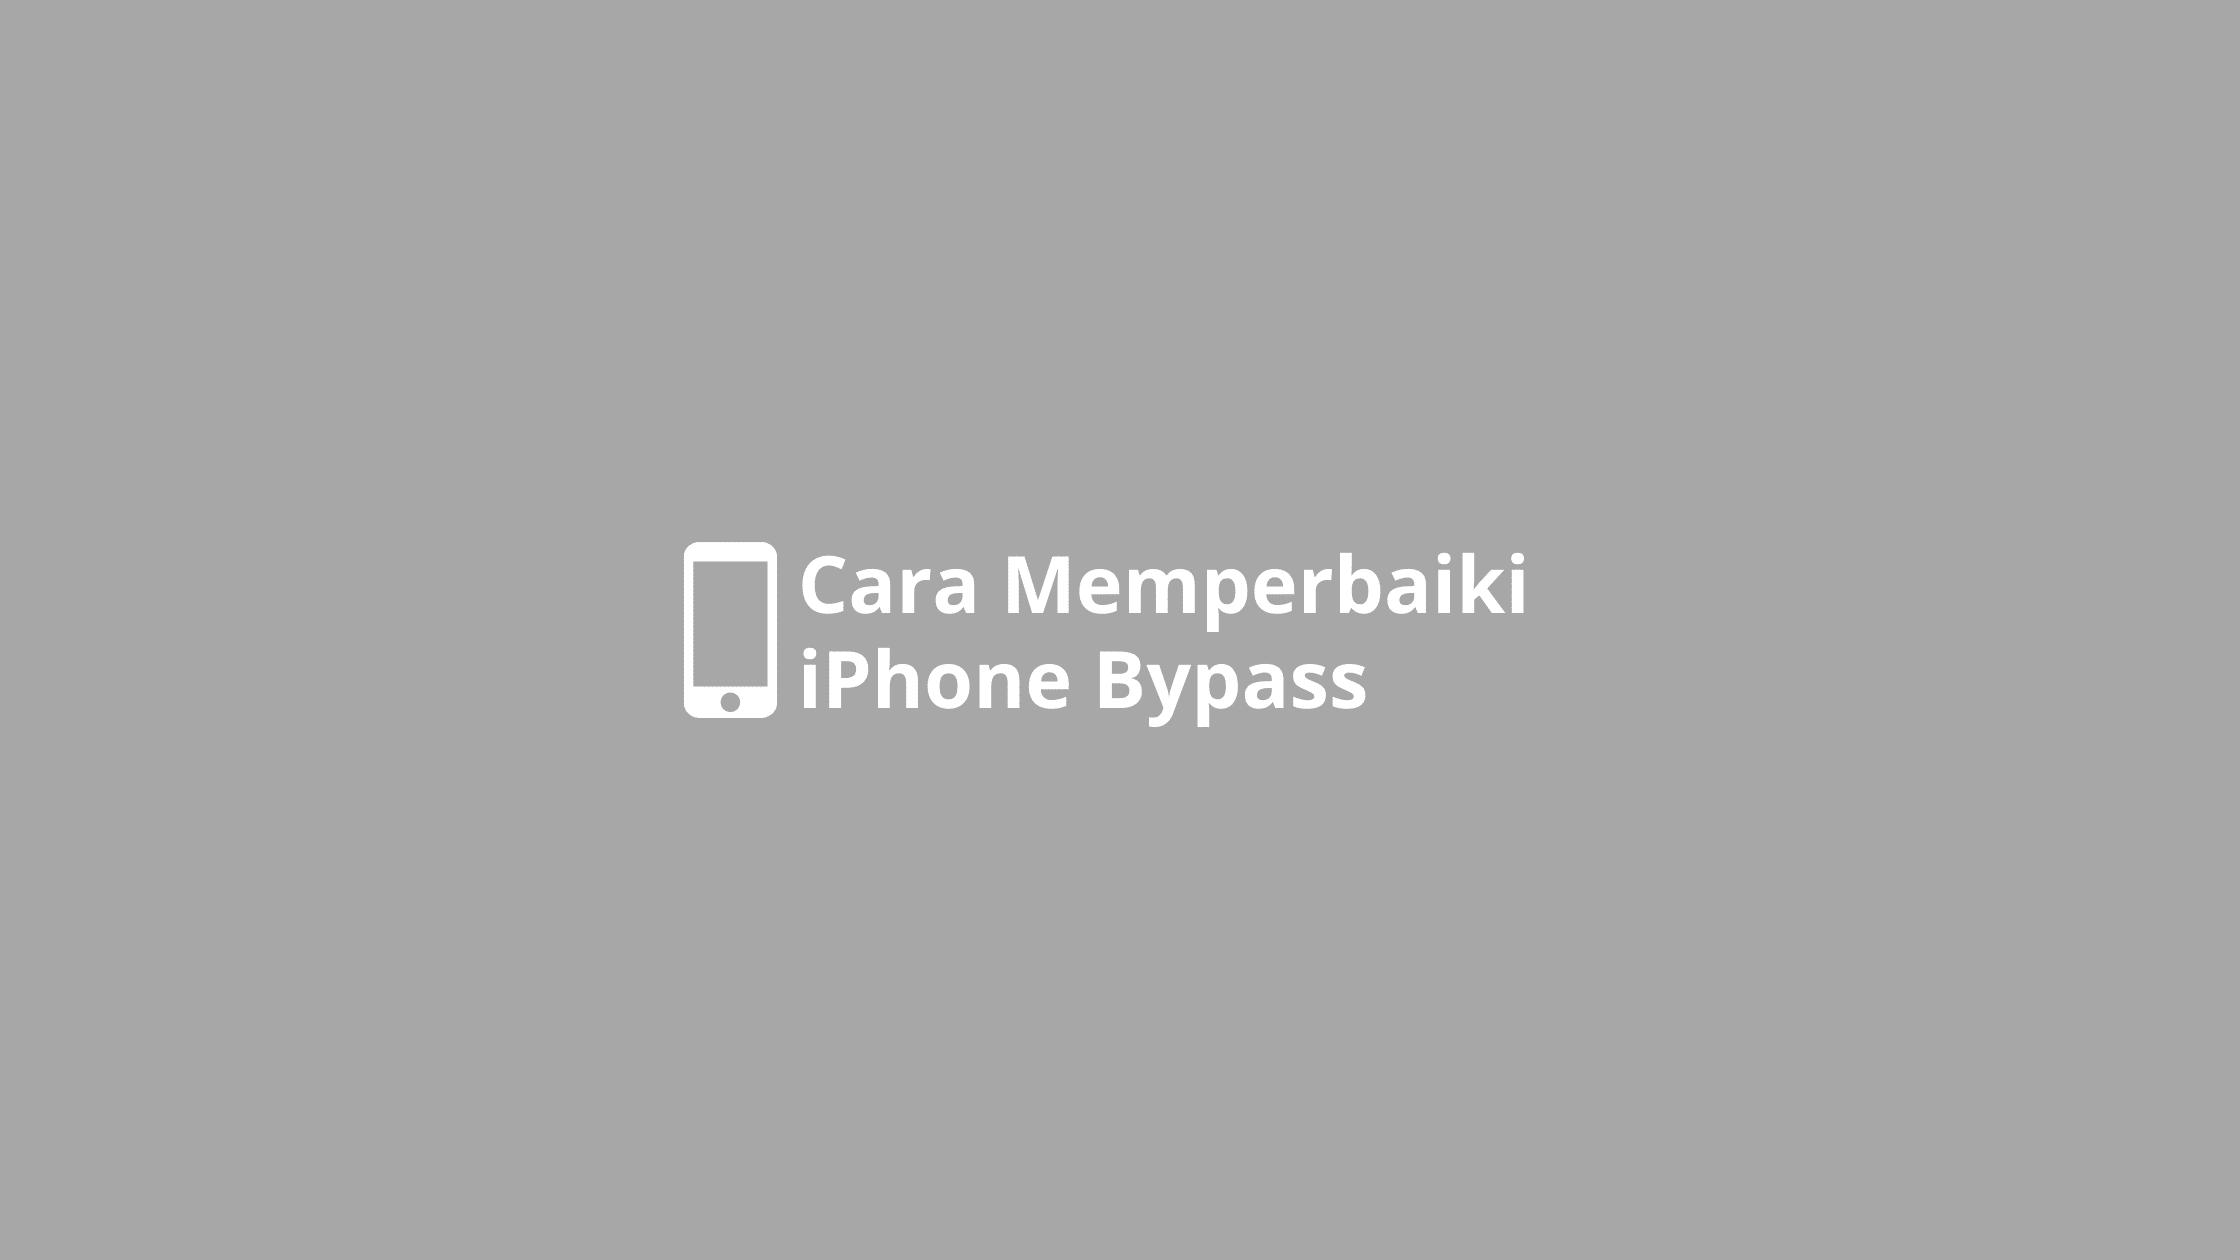 cara memperbaiki iphone bypass